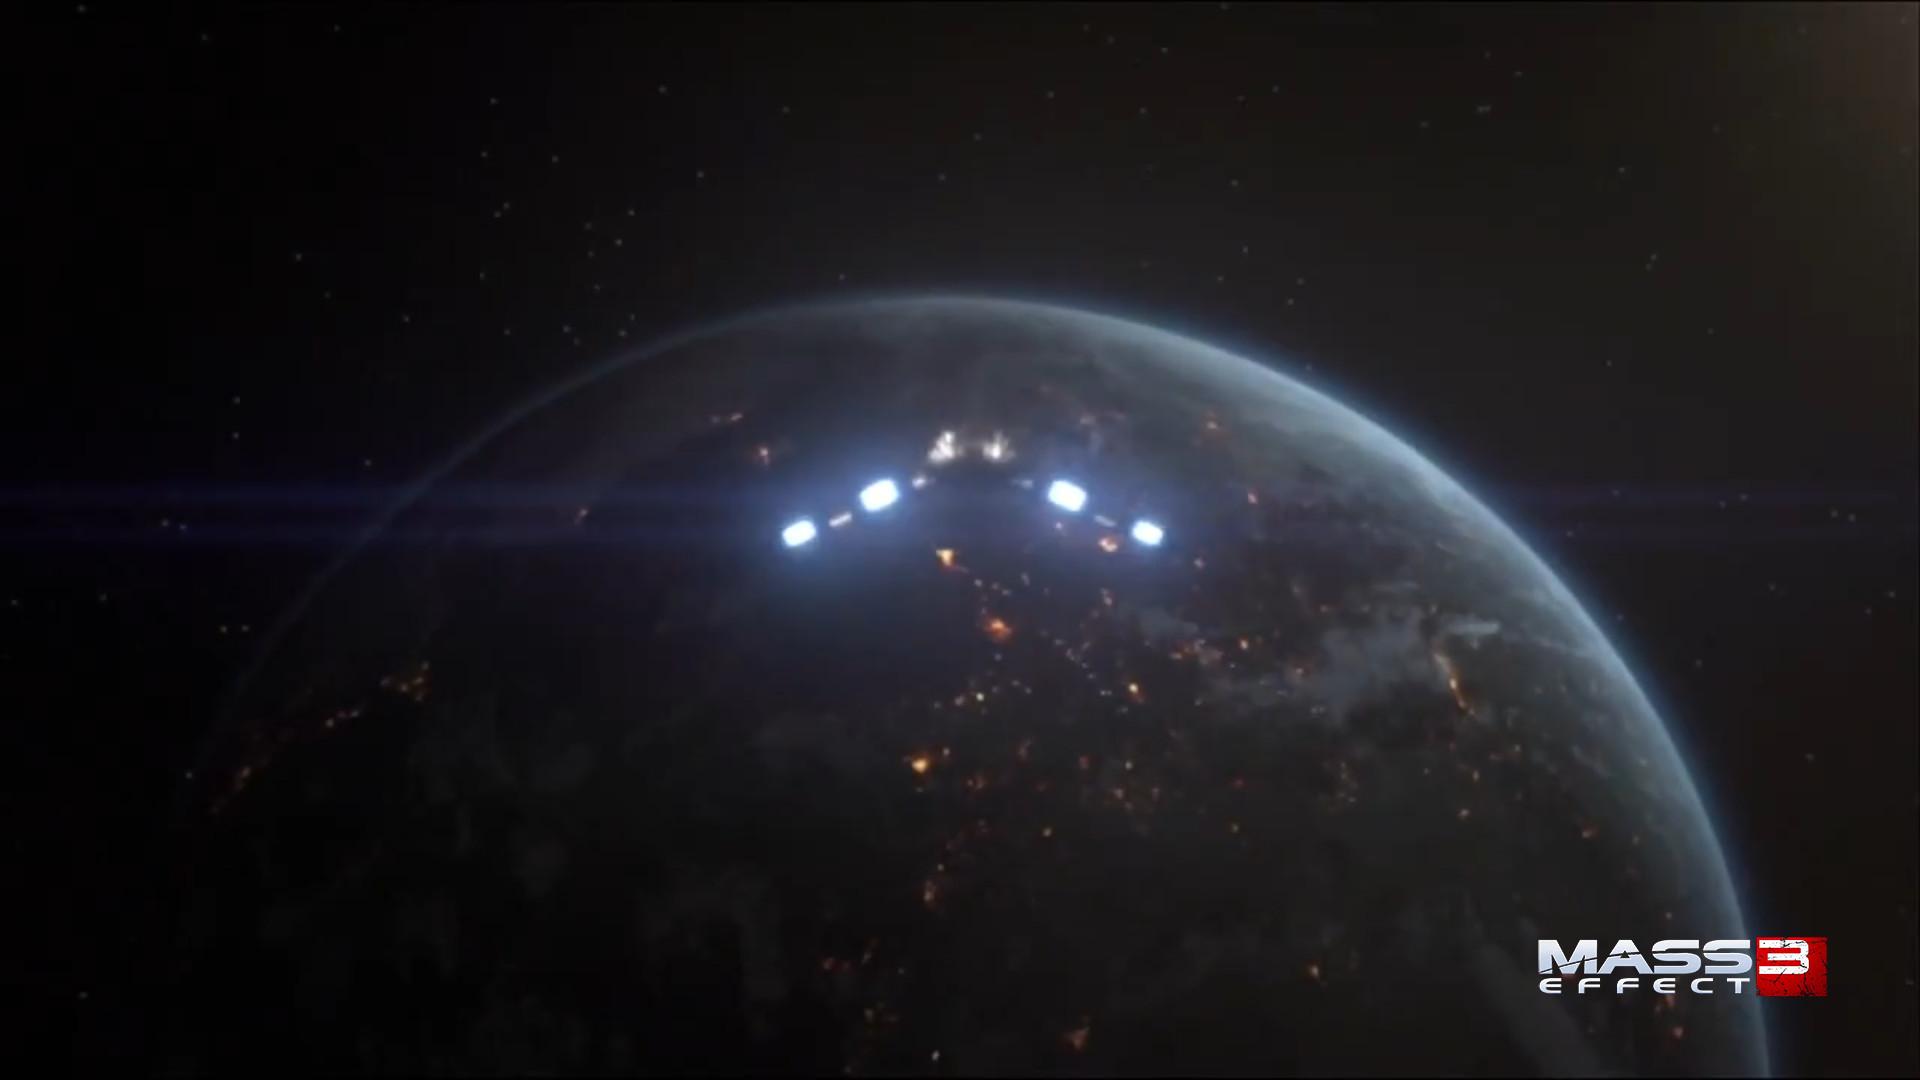 Mass Effect 3 Earth